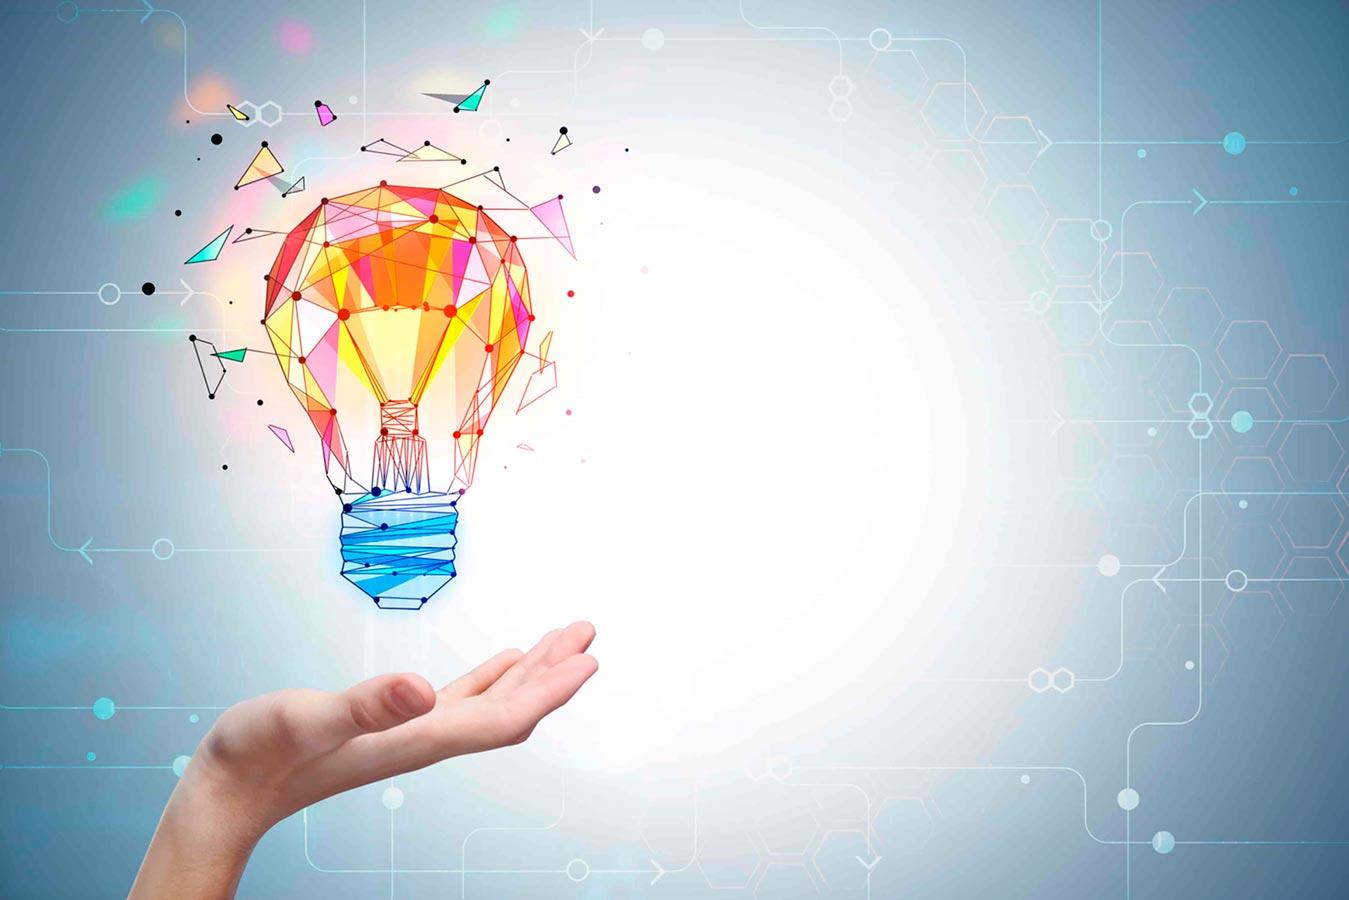 IVACE Innovación convoca ayudas por valor de 2,5 M€ para la creación de empresas innovadoras y de base tecnológica